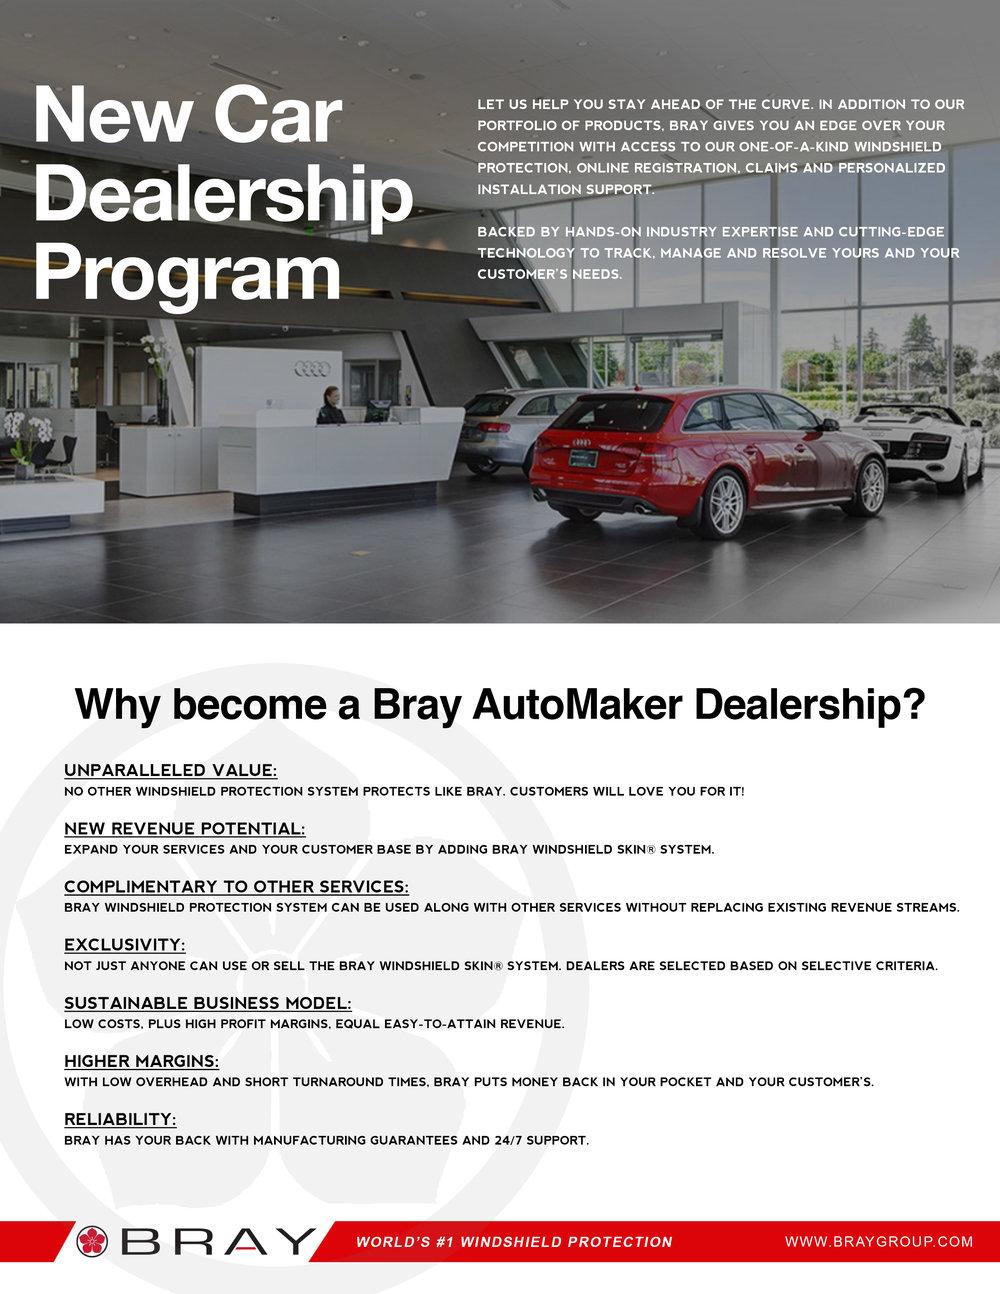 sales_sheet - Car Dealership.jpg